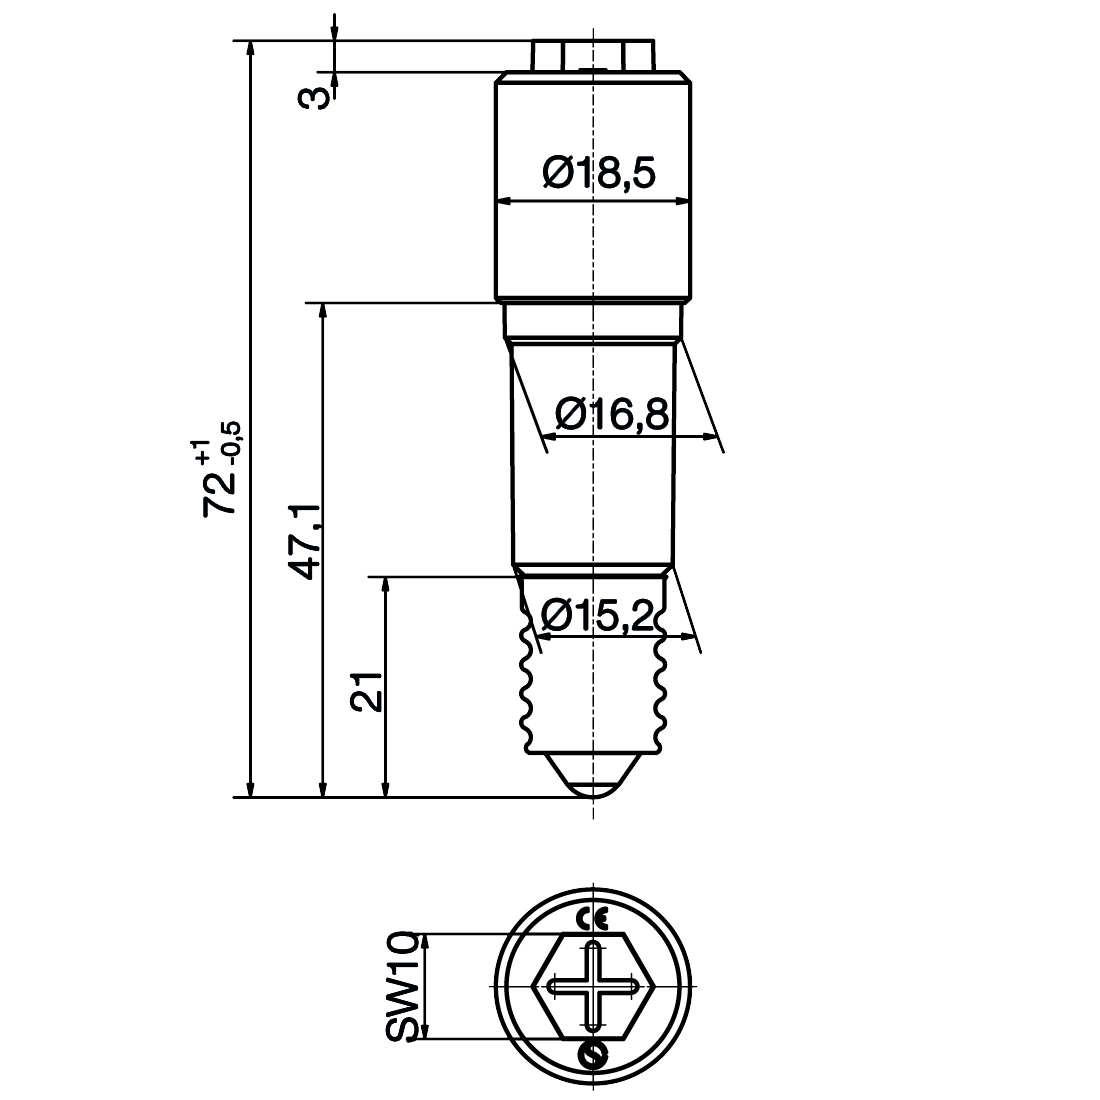 Notlicht LED-Lampe Sistar® II Sockel E14 - plan